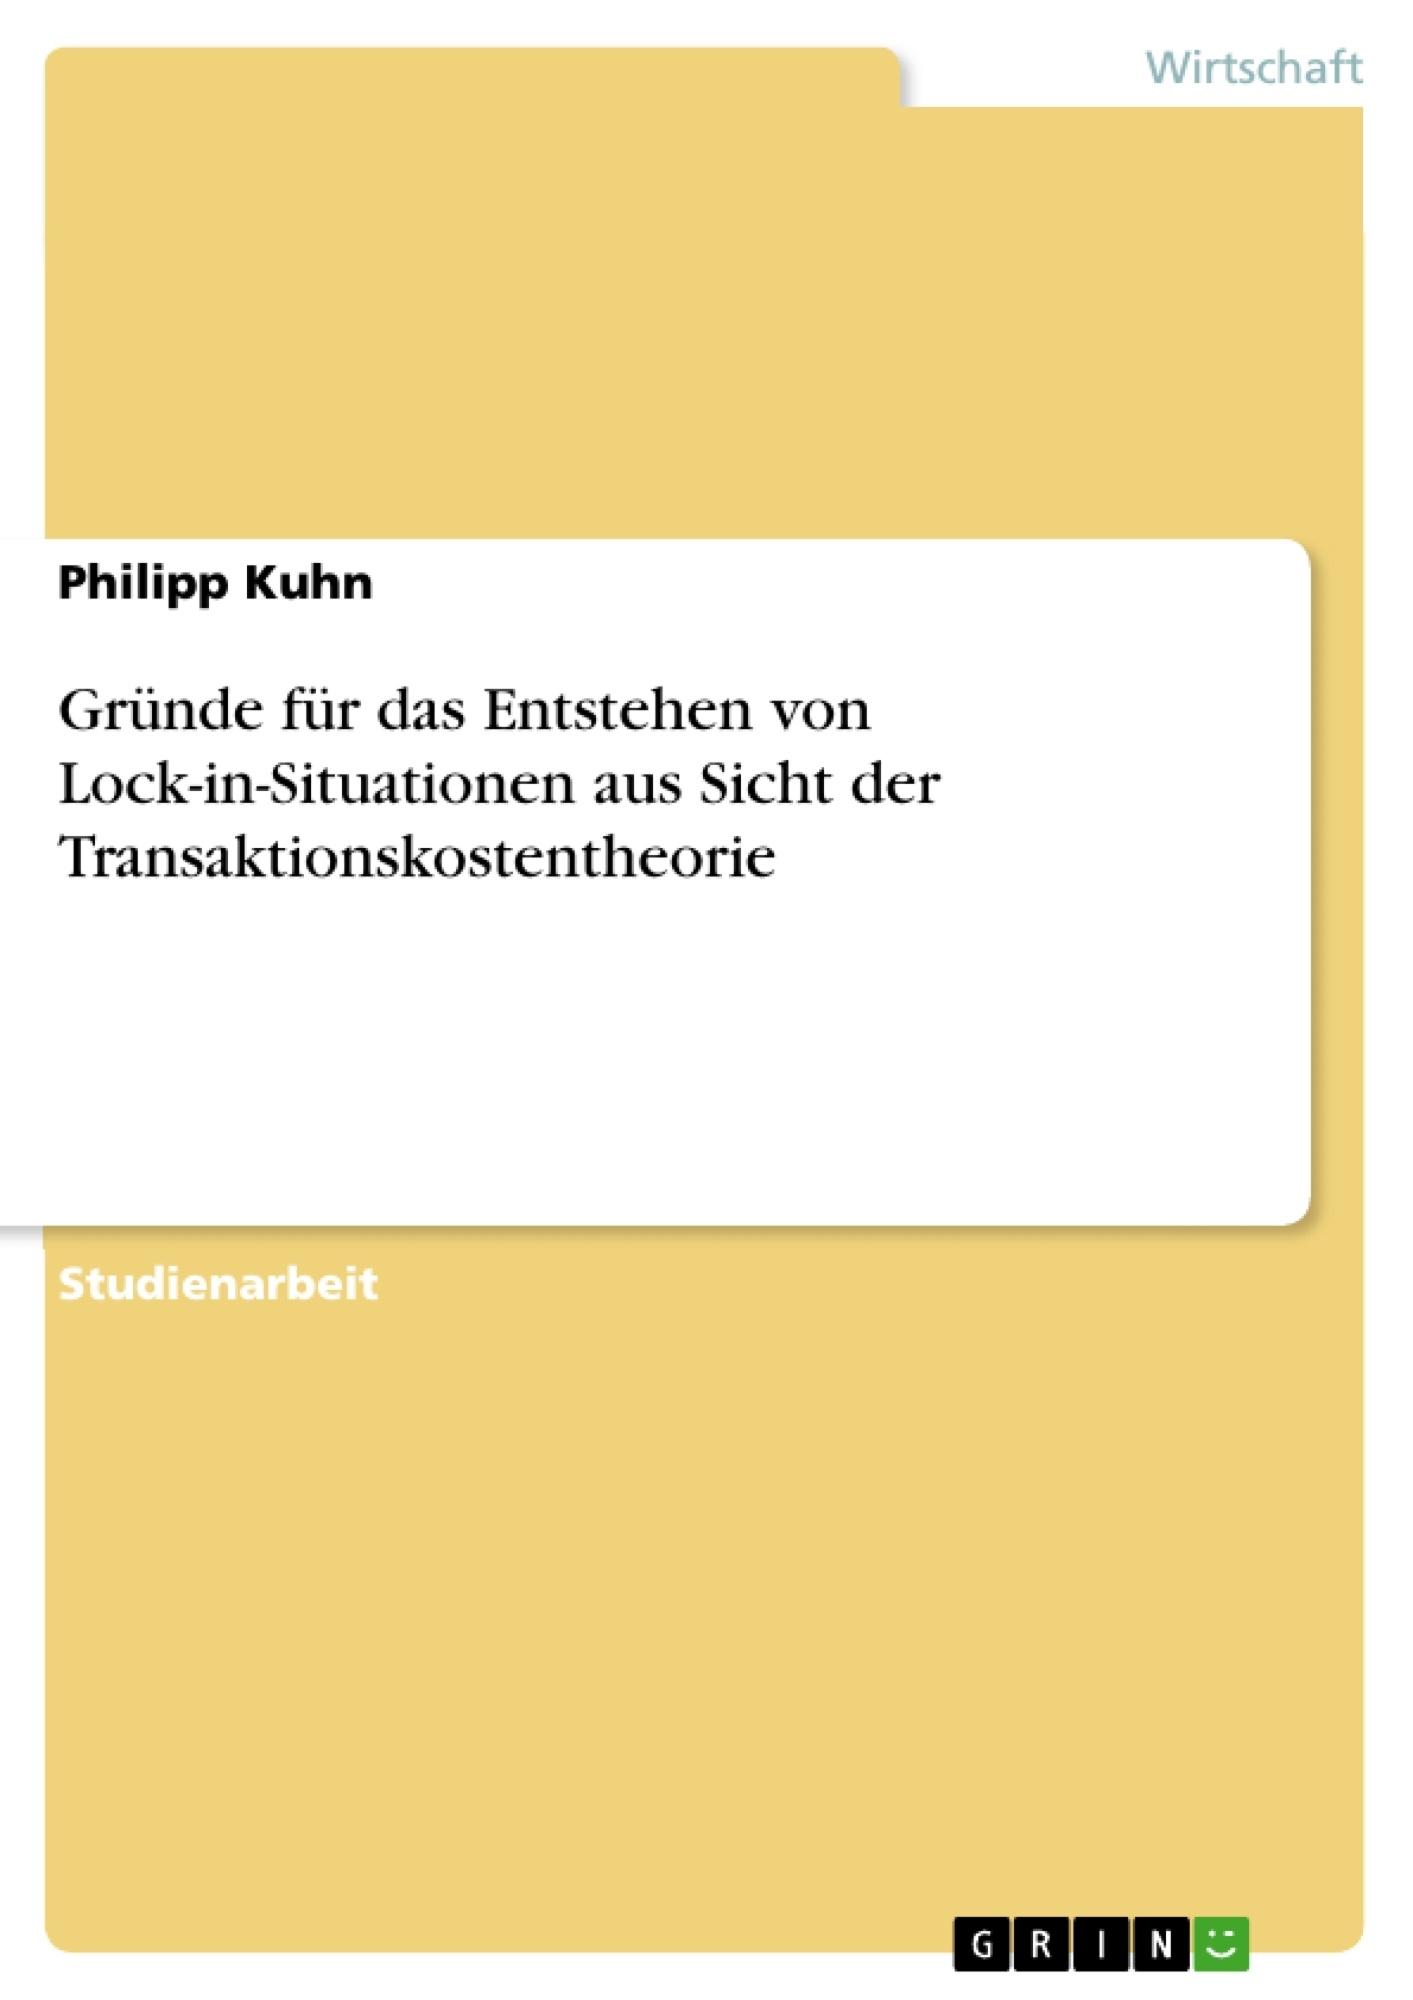 Titel: Gründe für das Entstehen von Lock-in-Situationen aus Sicht der Transaktionskostentheorie